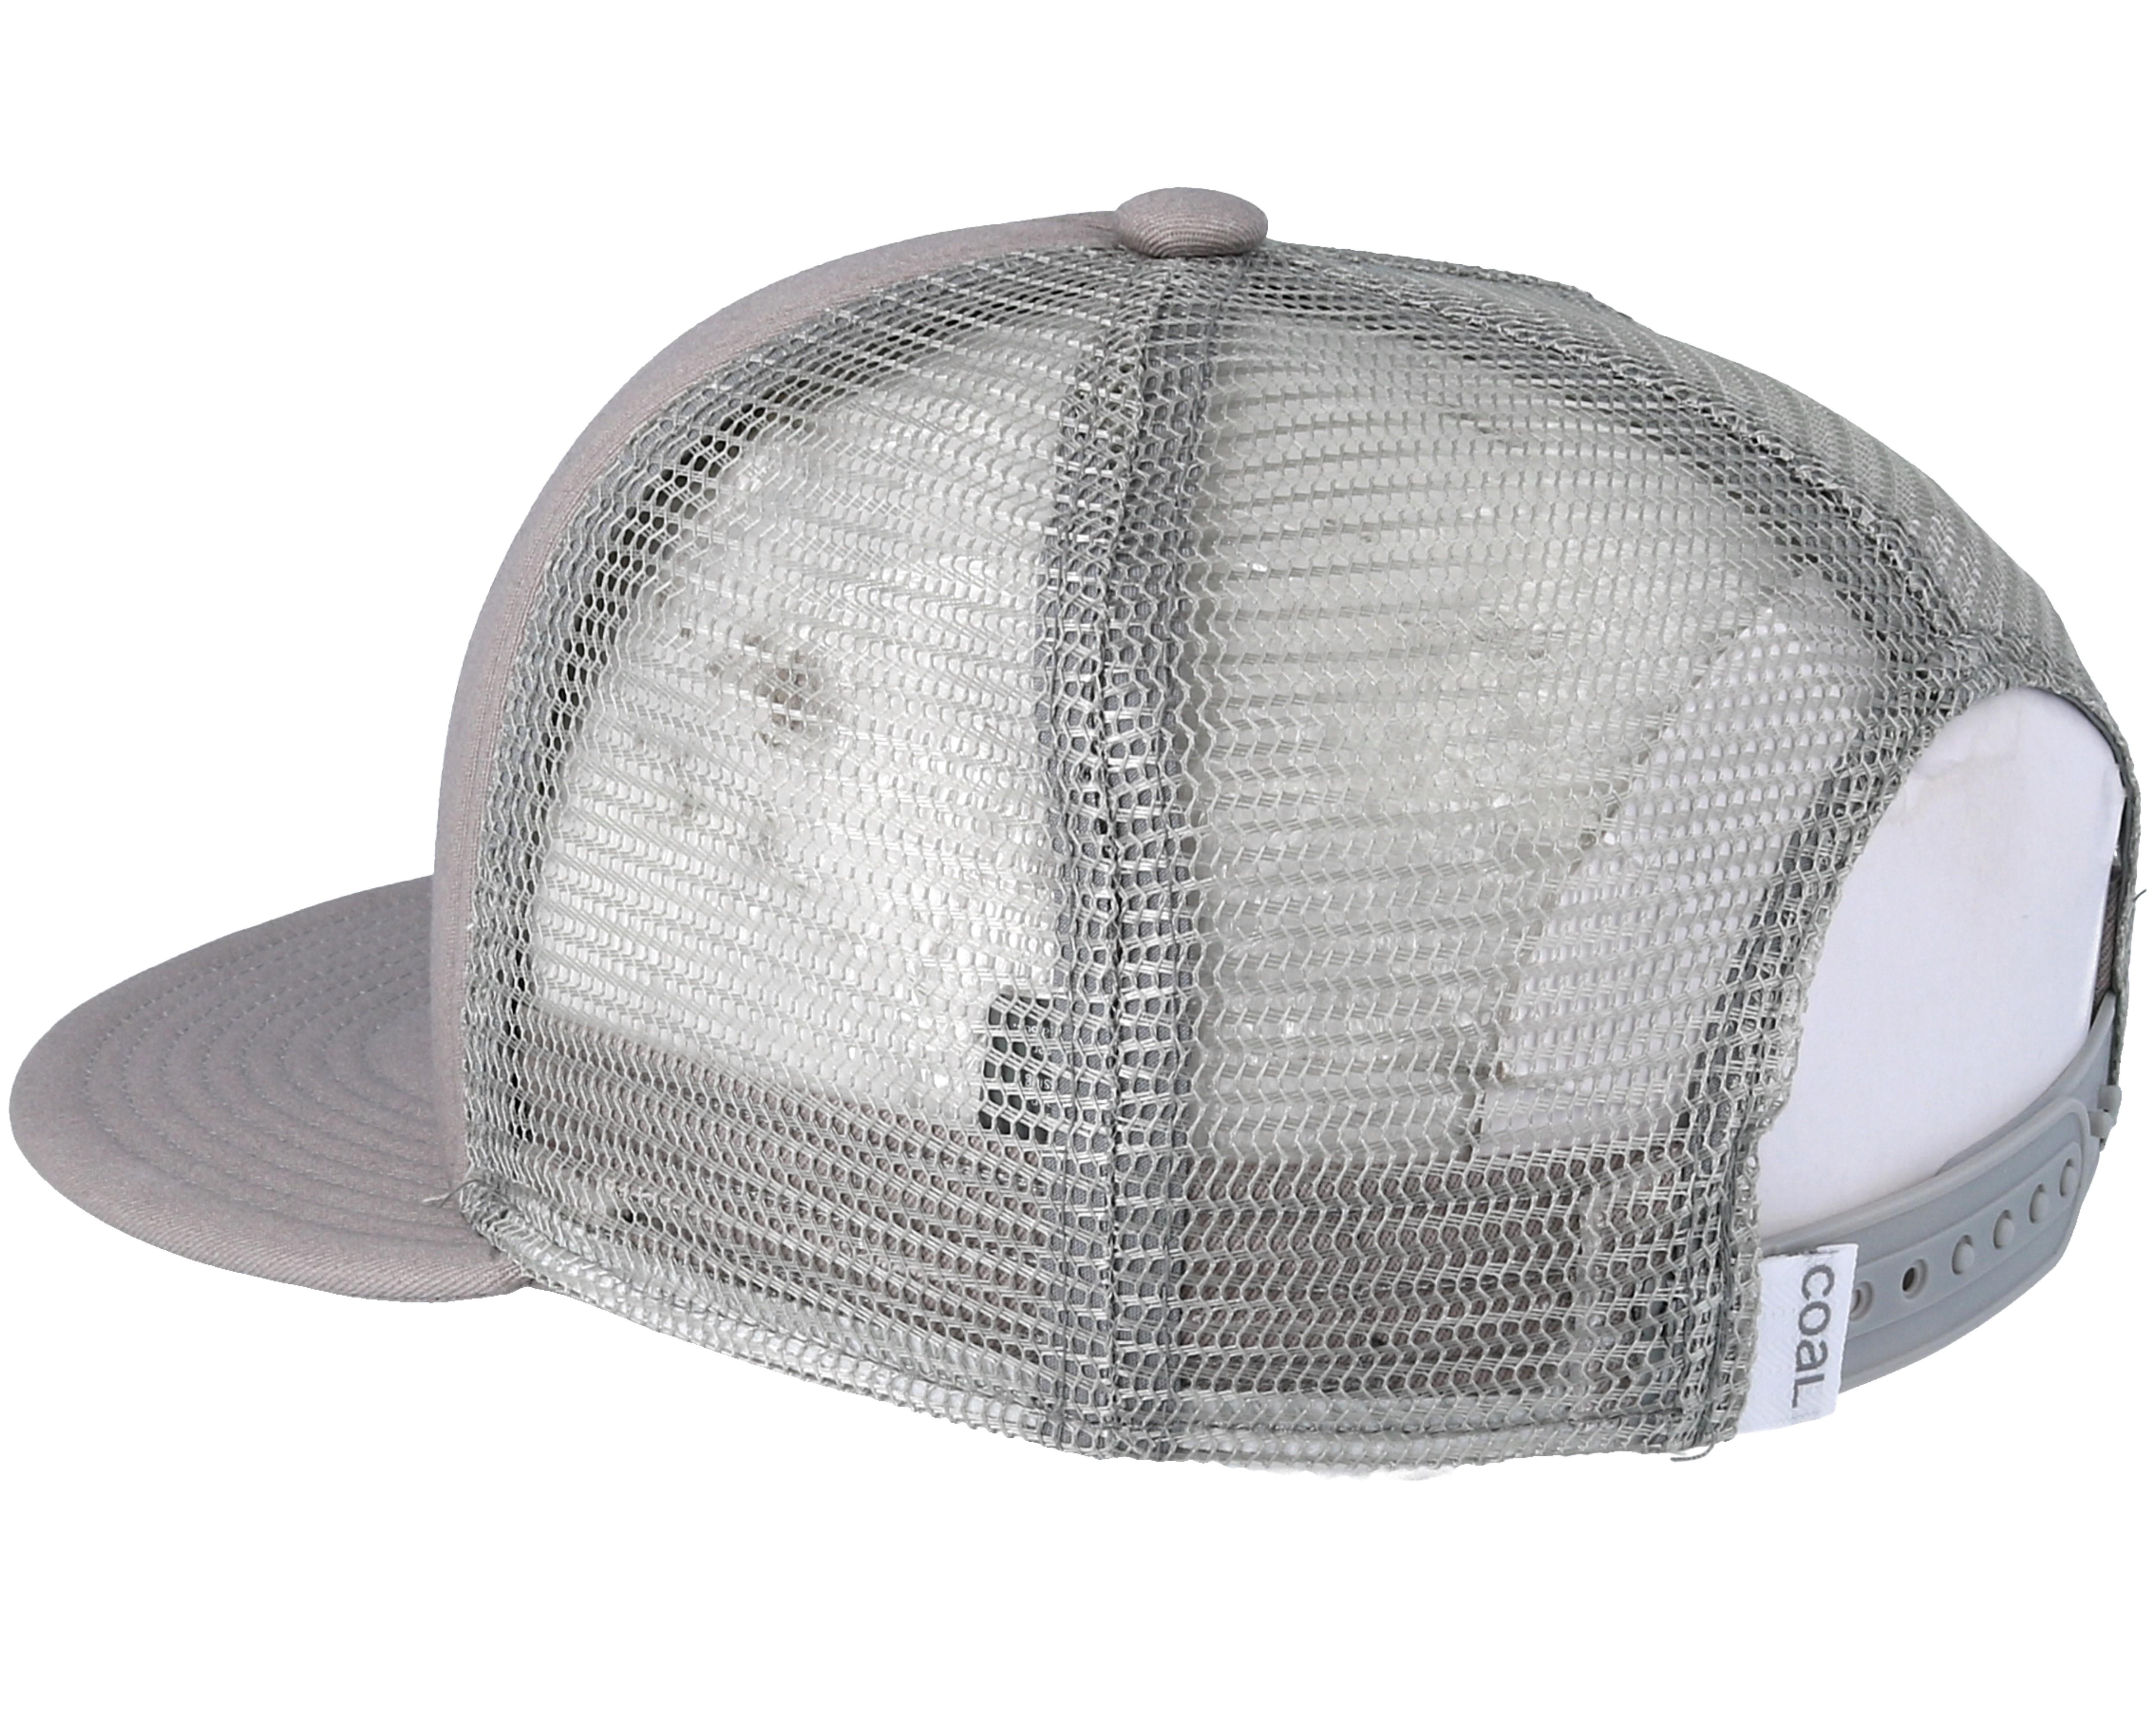 Citaten Seneca Fakta : Seneca grey trucker coal keps hatstore